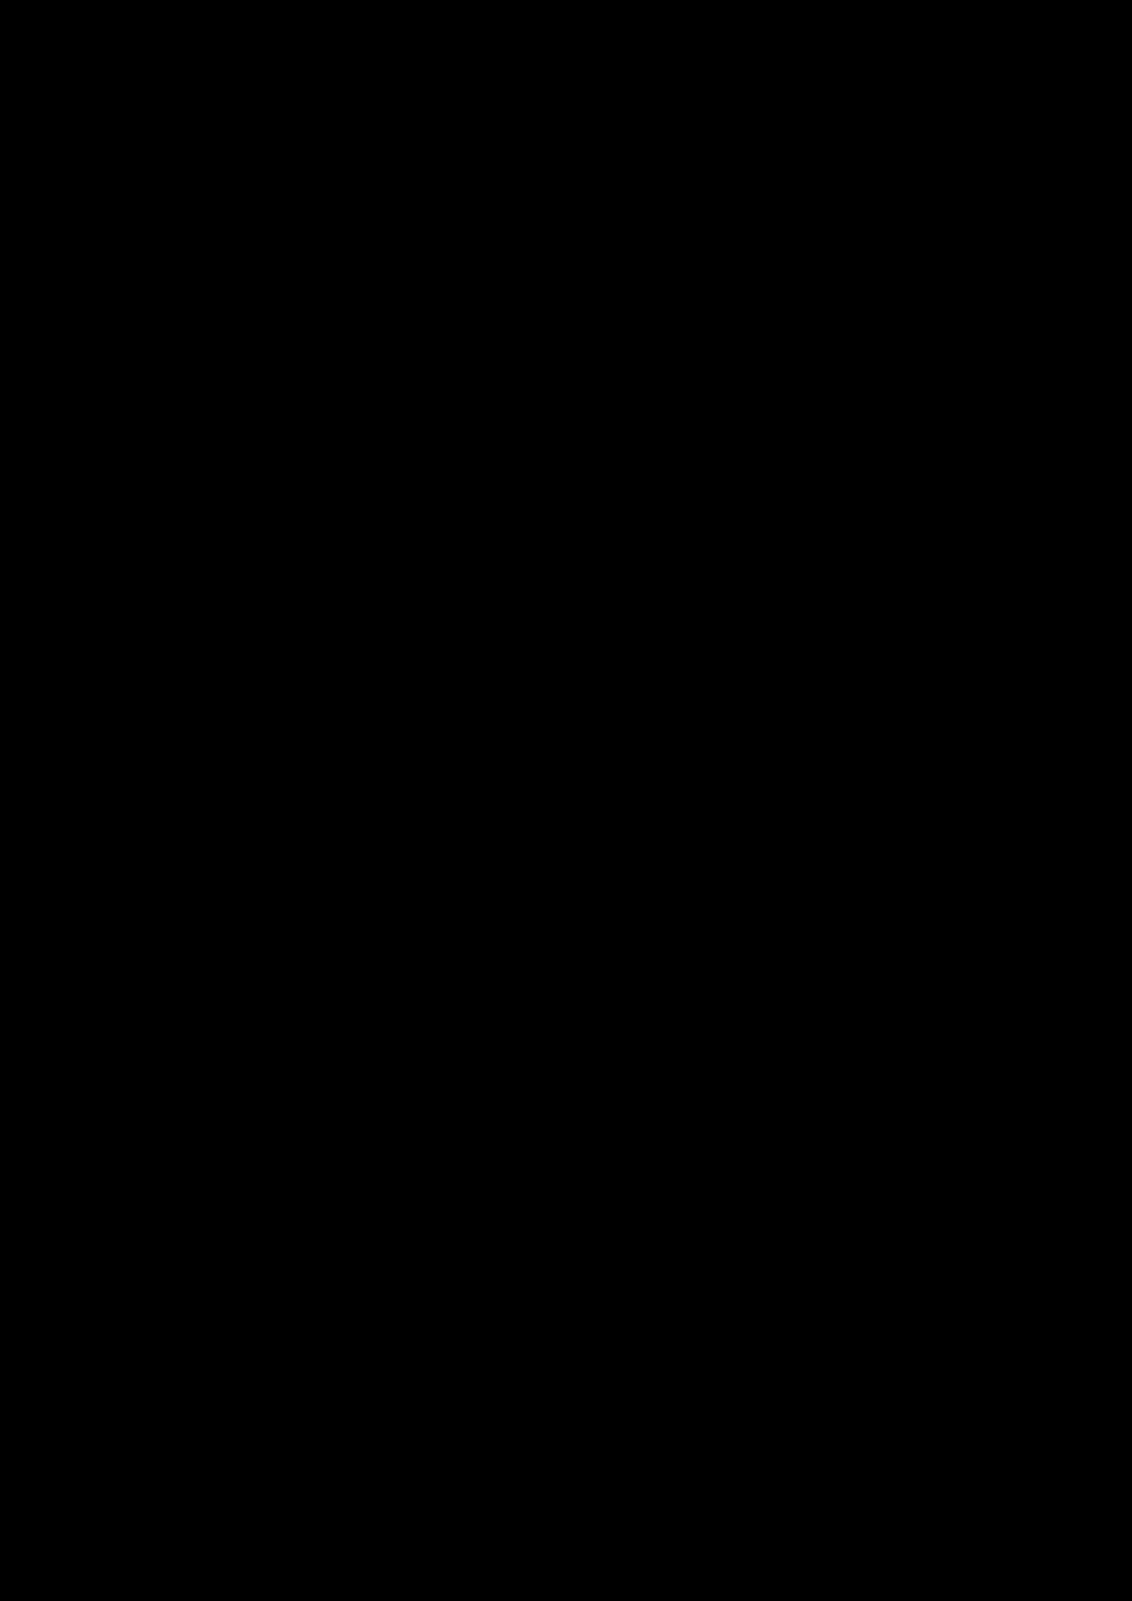 Hools slide, Image 26